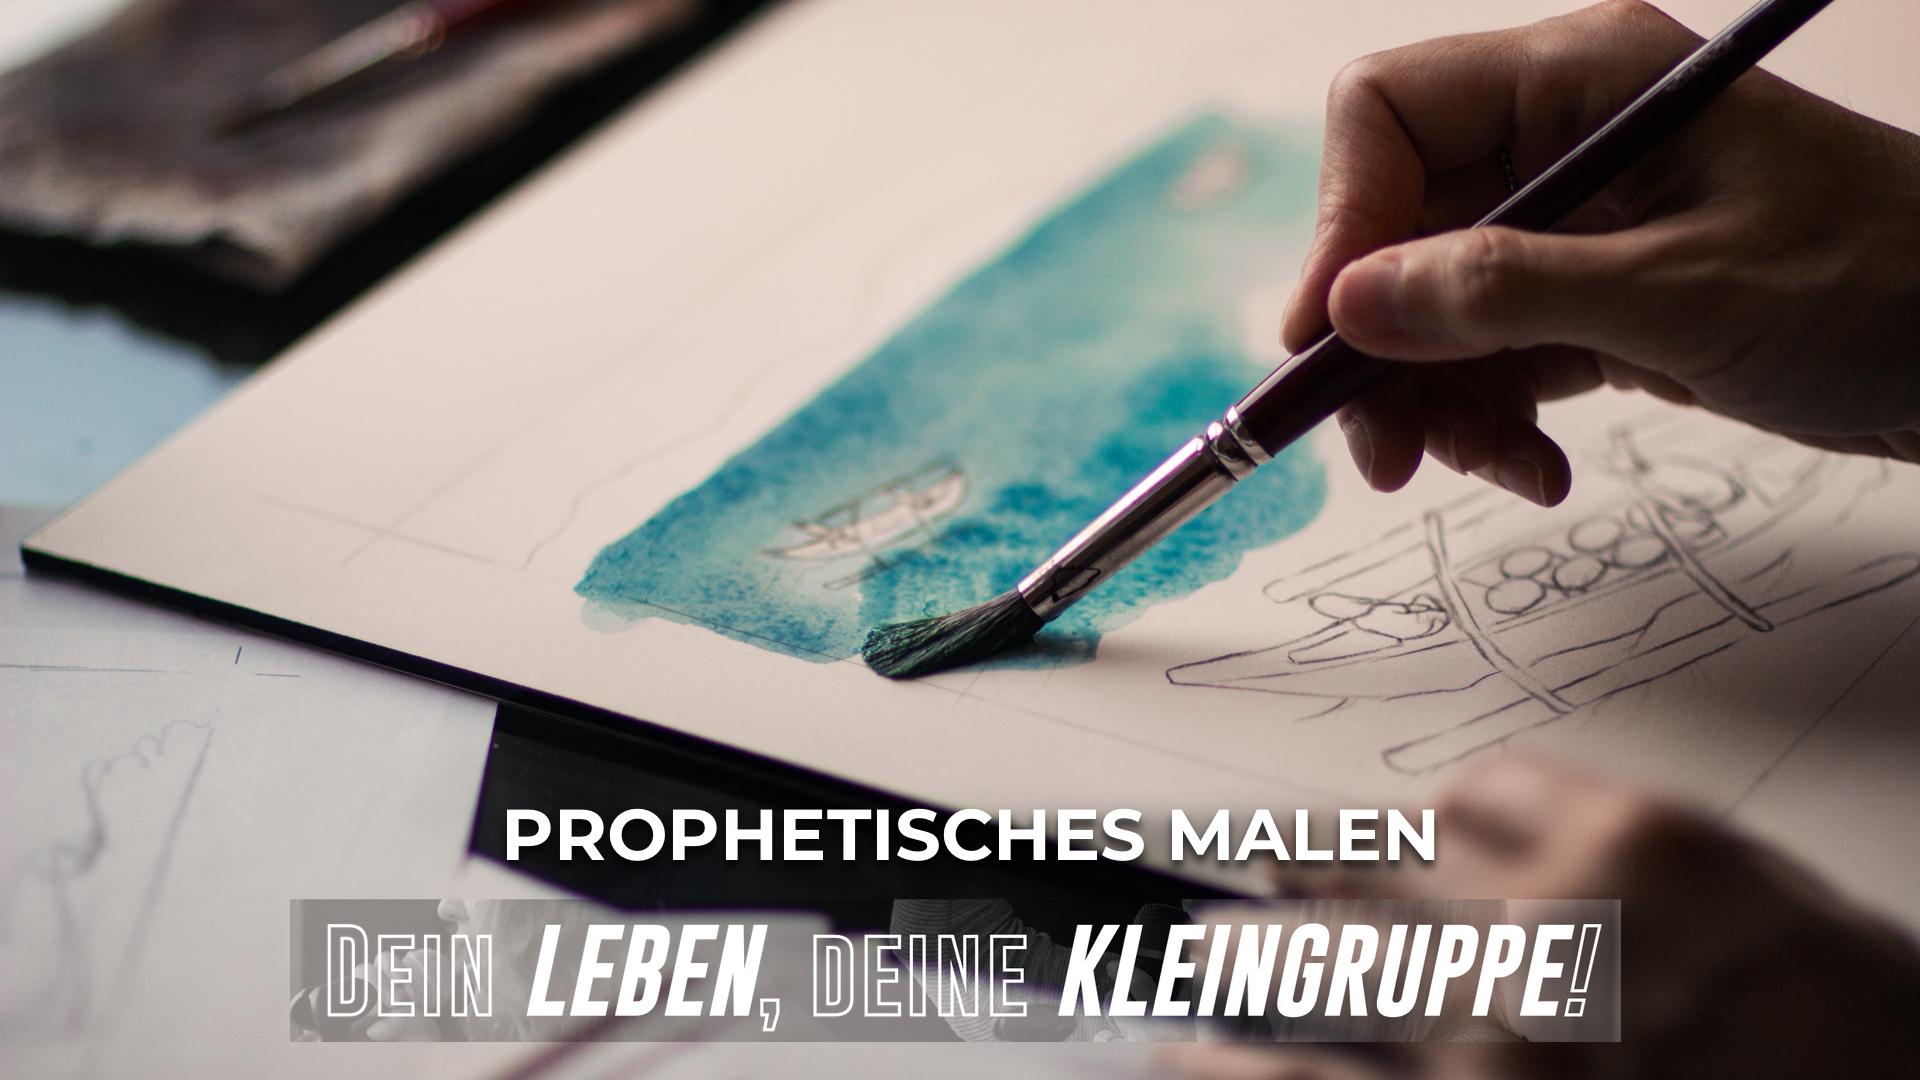 Prophetisches Malen